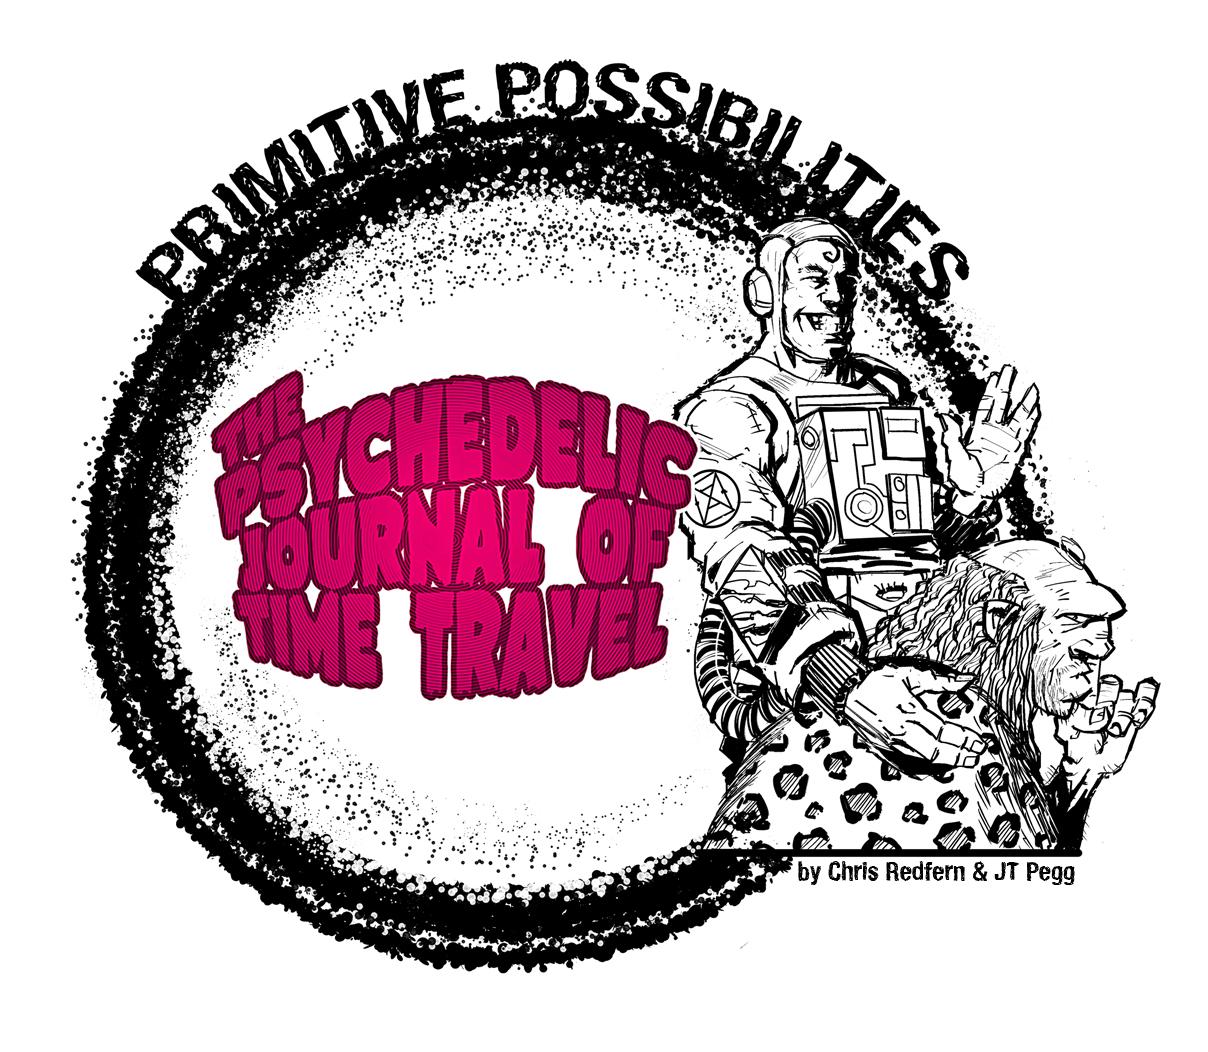 Primitiveee